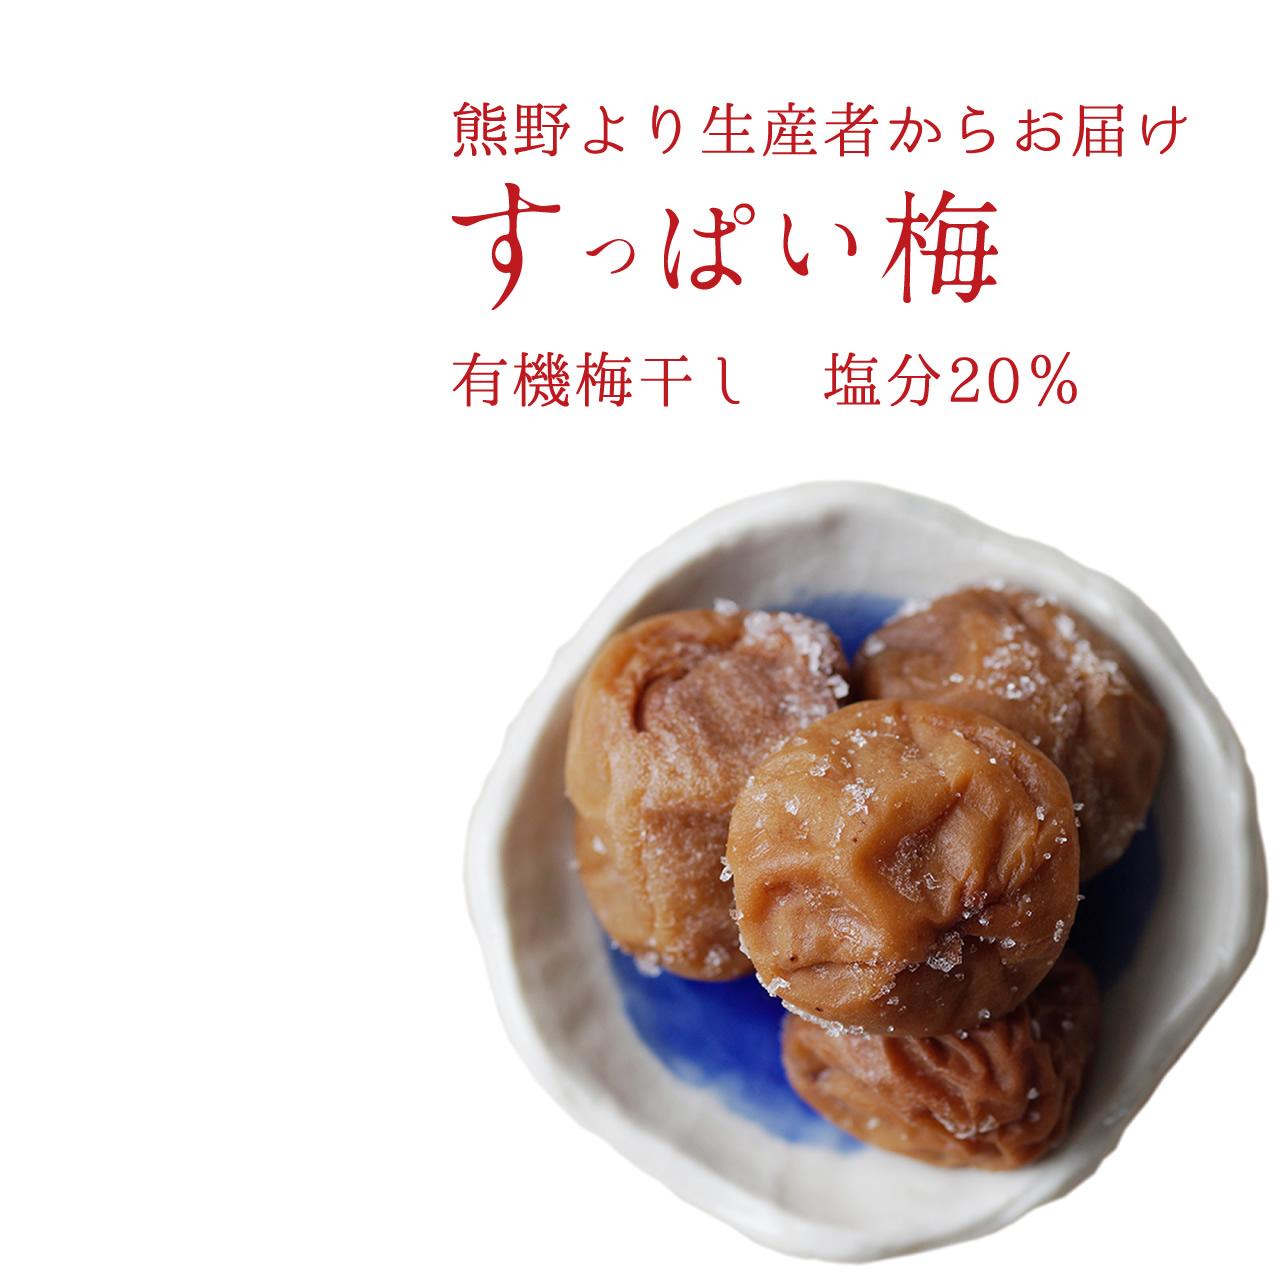 自然農法で育てた無添加,梅干し, 減塩タイプの有機梅干しを和歌山県よりお届けします